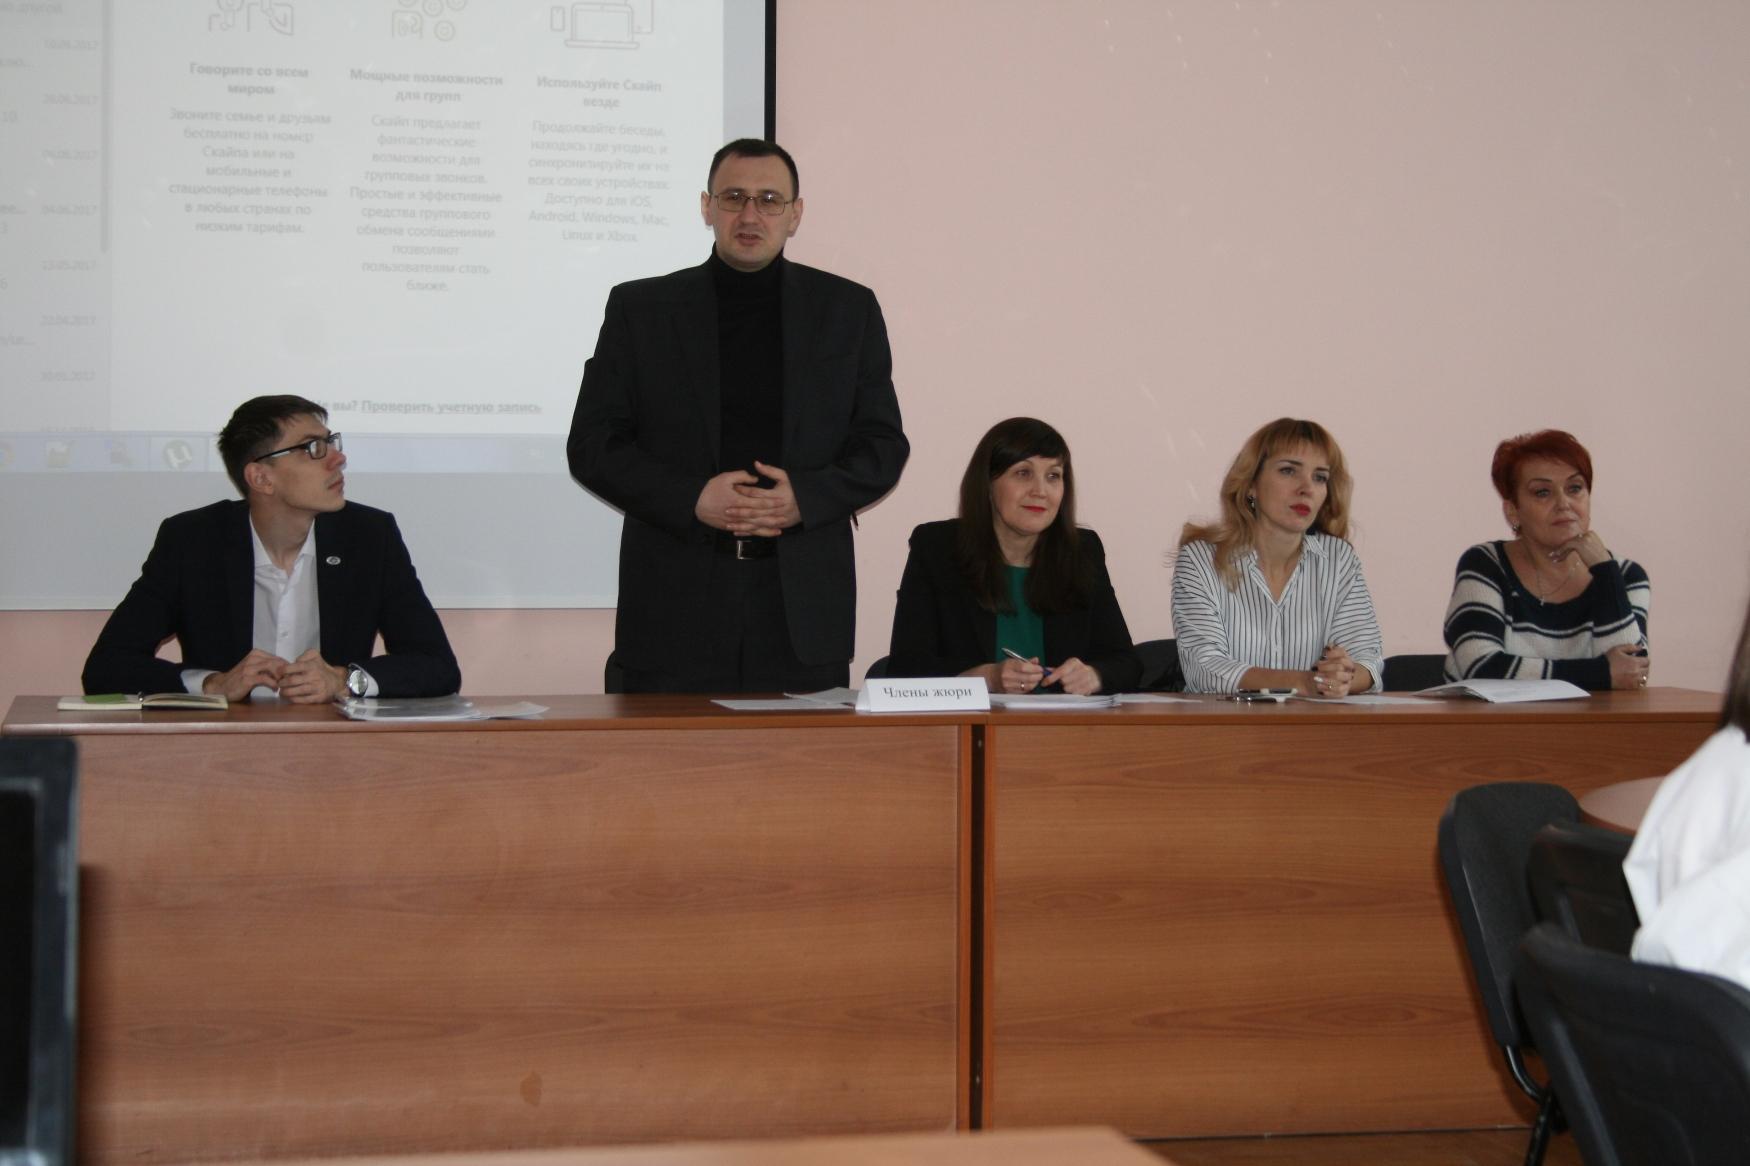 В СФ БашГУ подвели итоги Конкурса эссе, посвященного Дню Конституции РФ